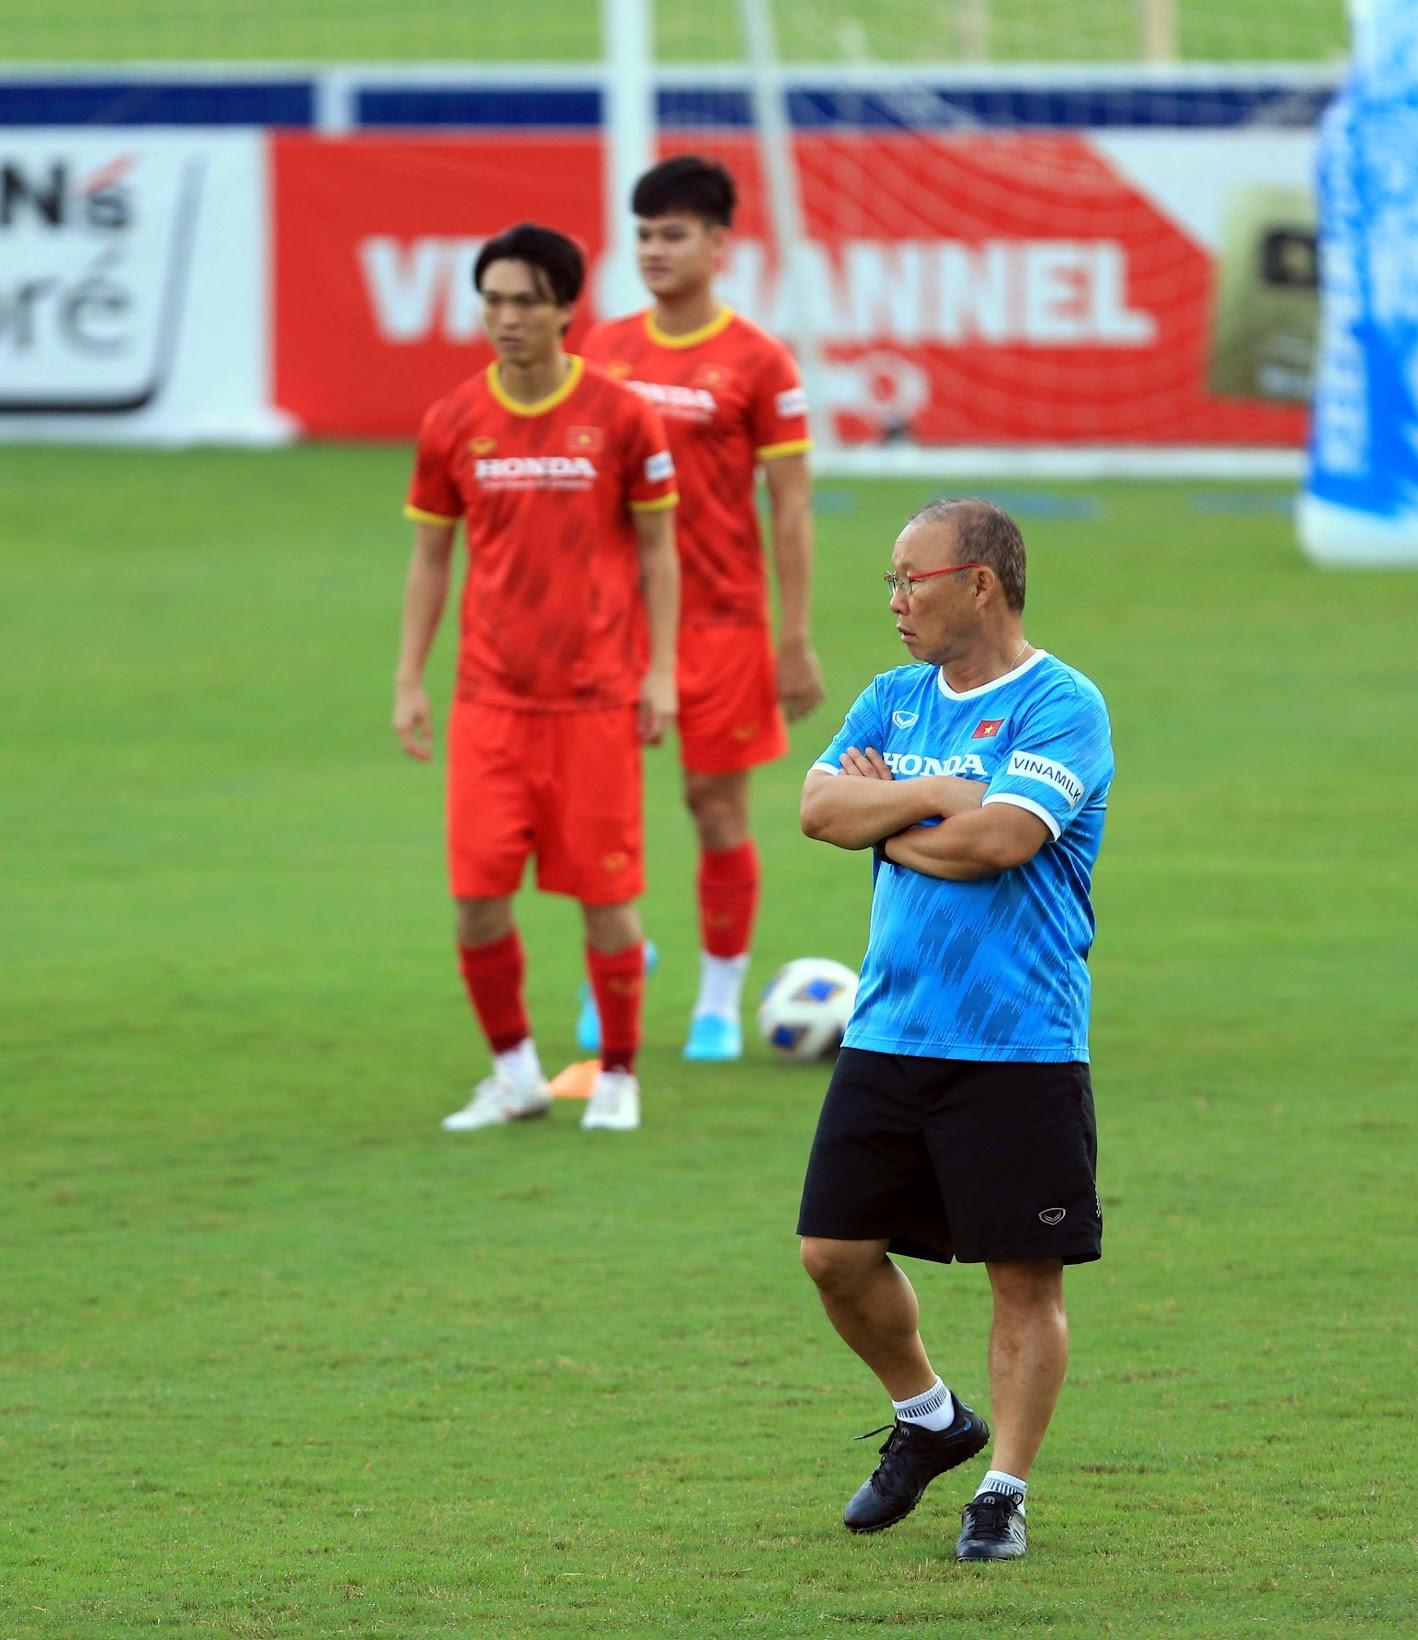 Tuấn Anh và đồng đội hào hứng khi trở thành thủ môn bất đắc dĩ cho tuyển Việt Nam - ảnh 19